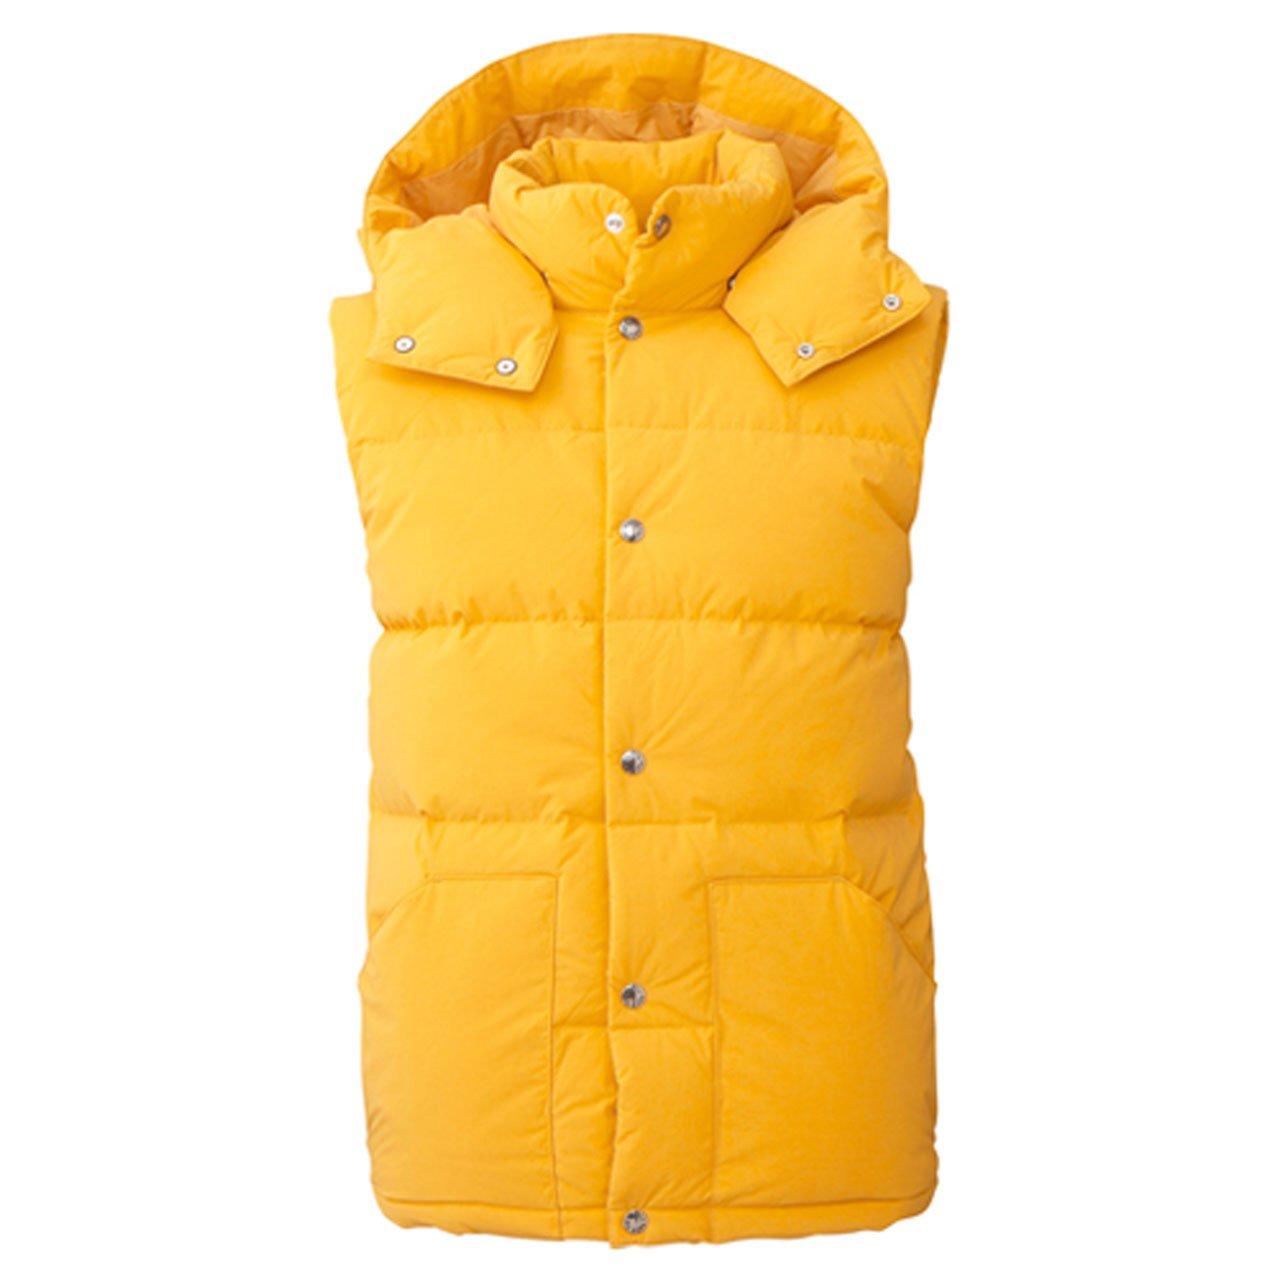 [ザ ノース フェイス] アウトドア ダウンベスト CAMP Sierra Vest [メンズ] ND91402 B00XKRI2QE XL|イエローフェンネル(YE) イエローフェンネル(YE) XL